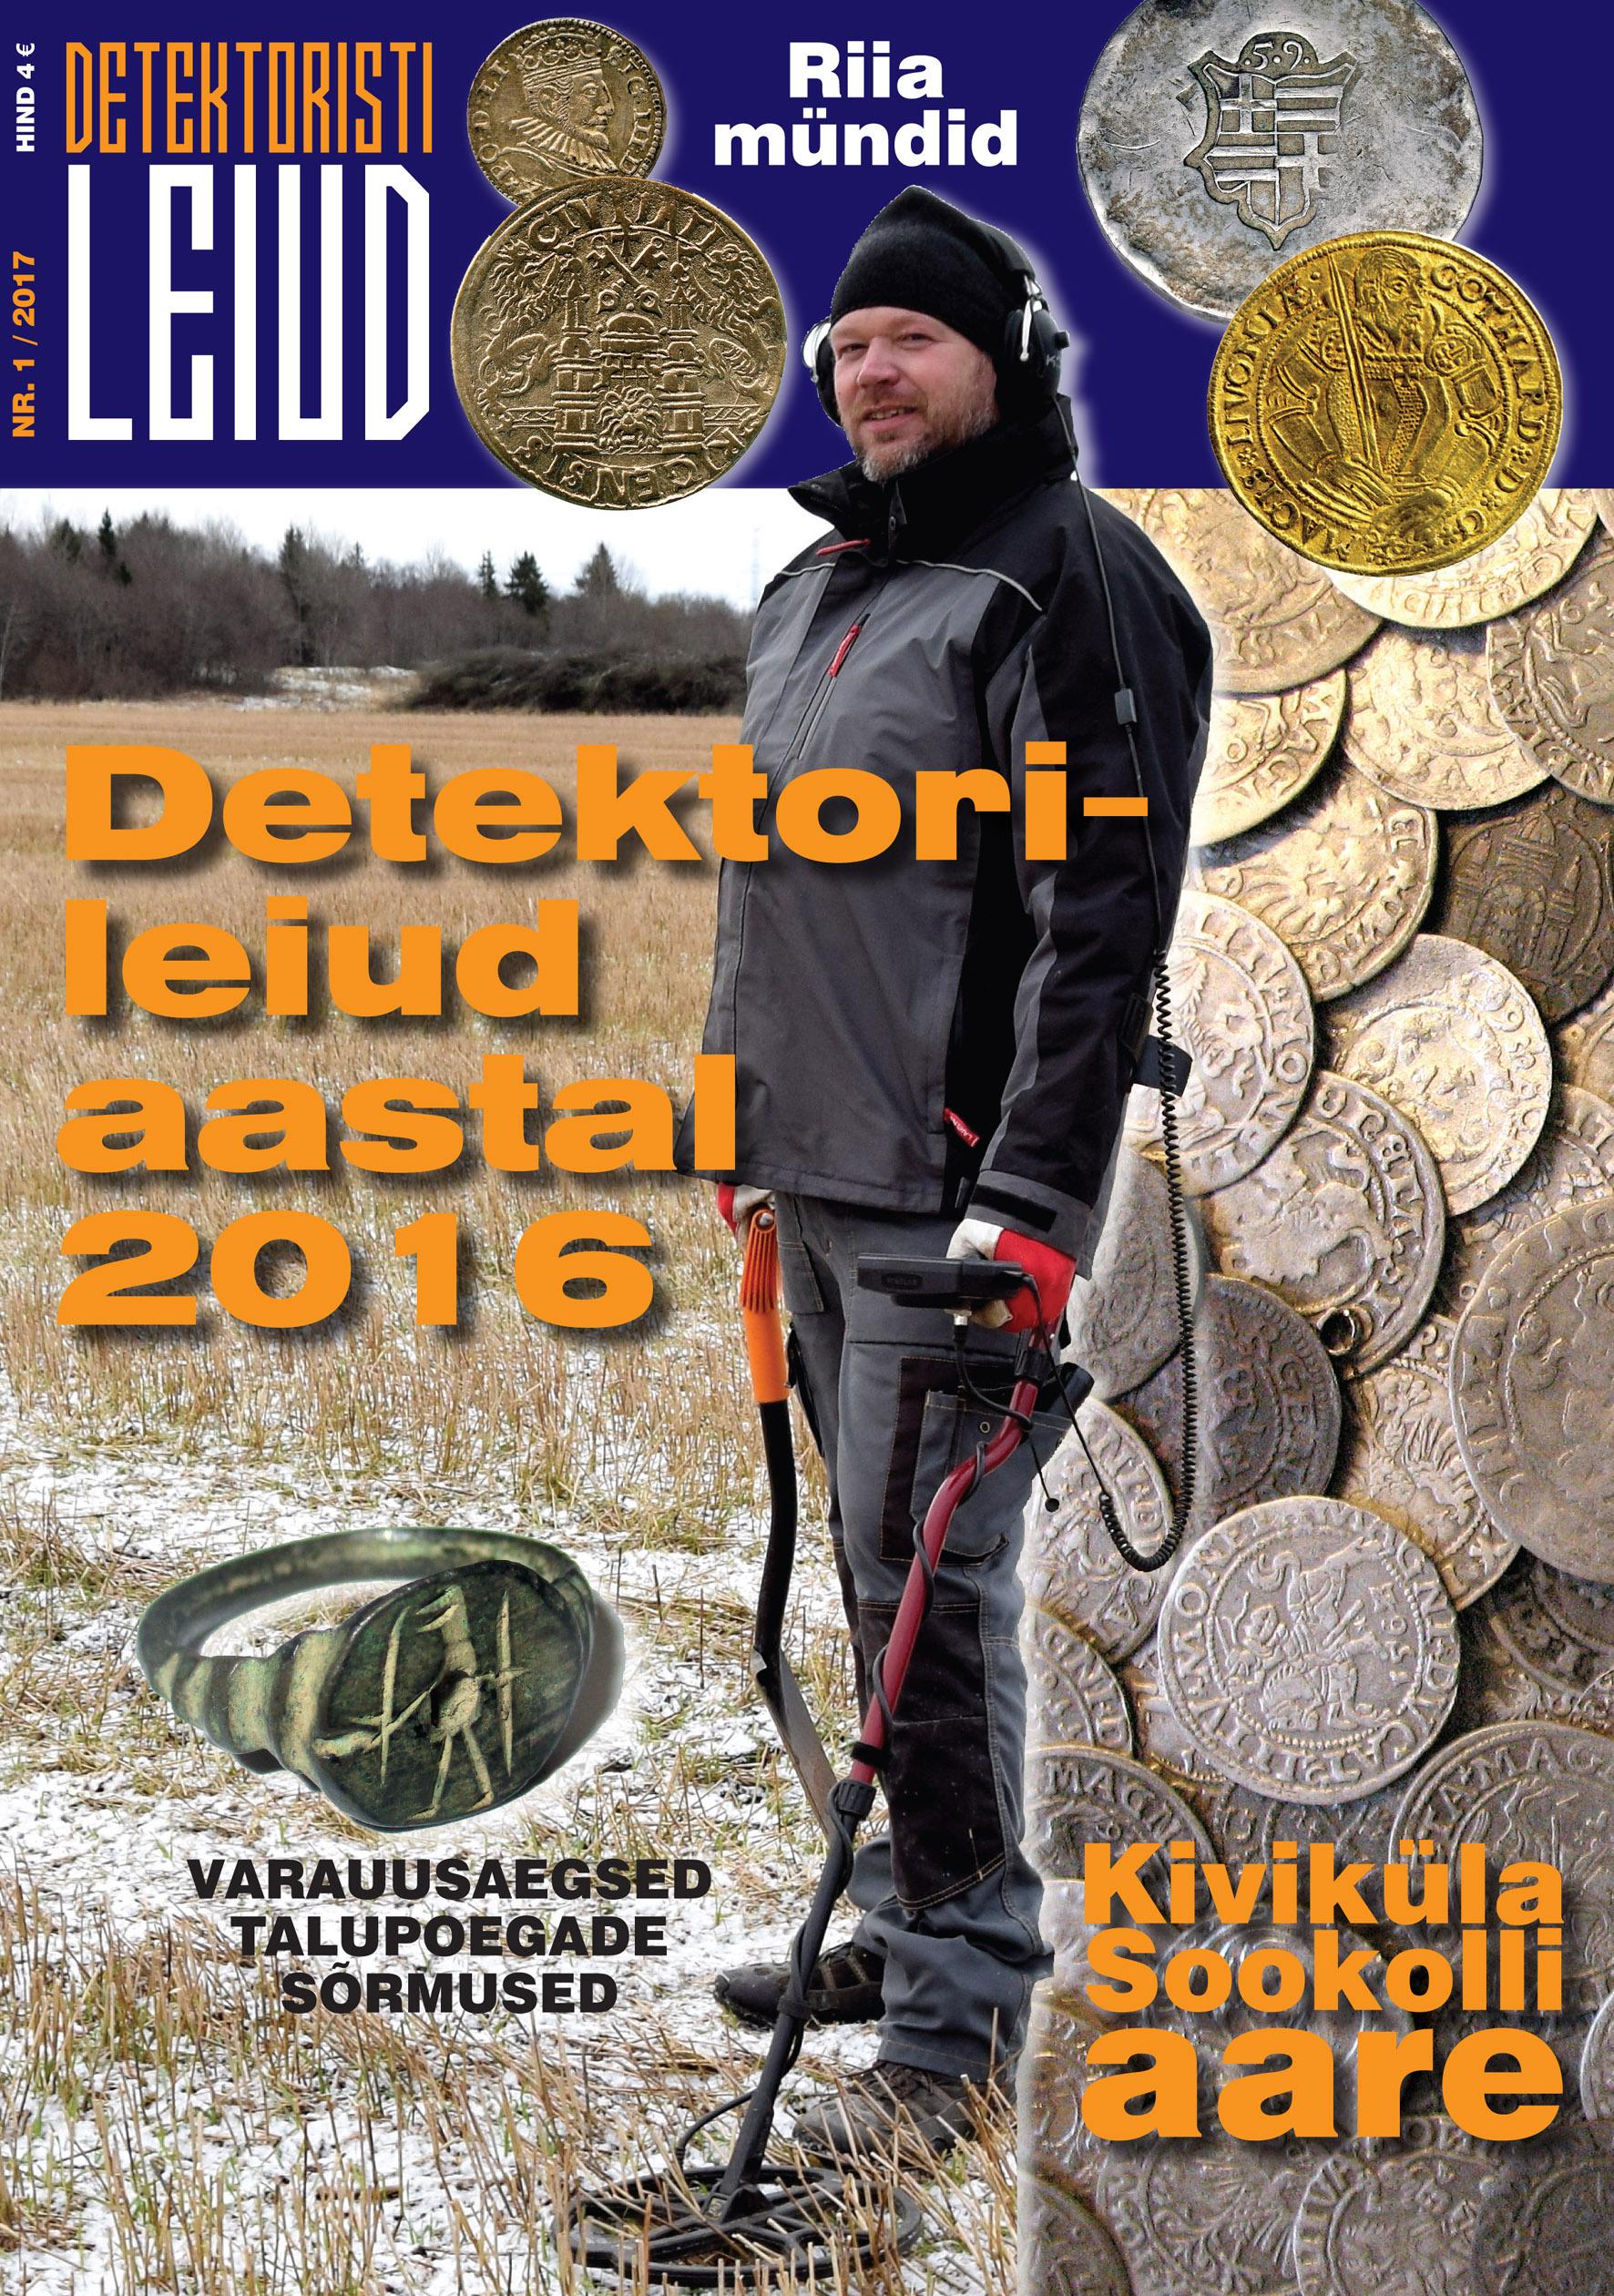 Detektoristi Leiud 2017 Nr 1